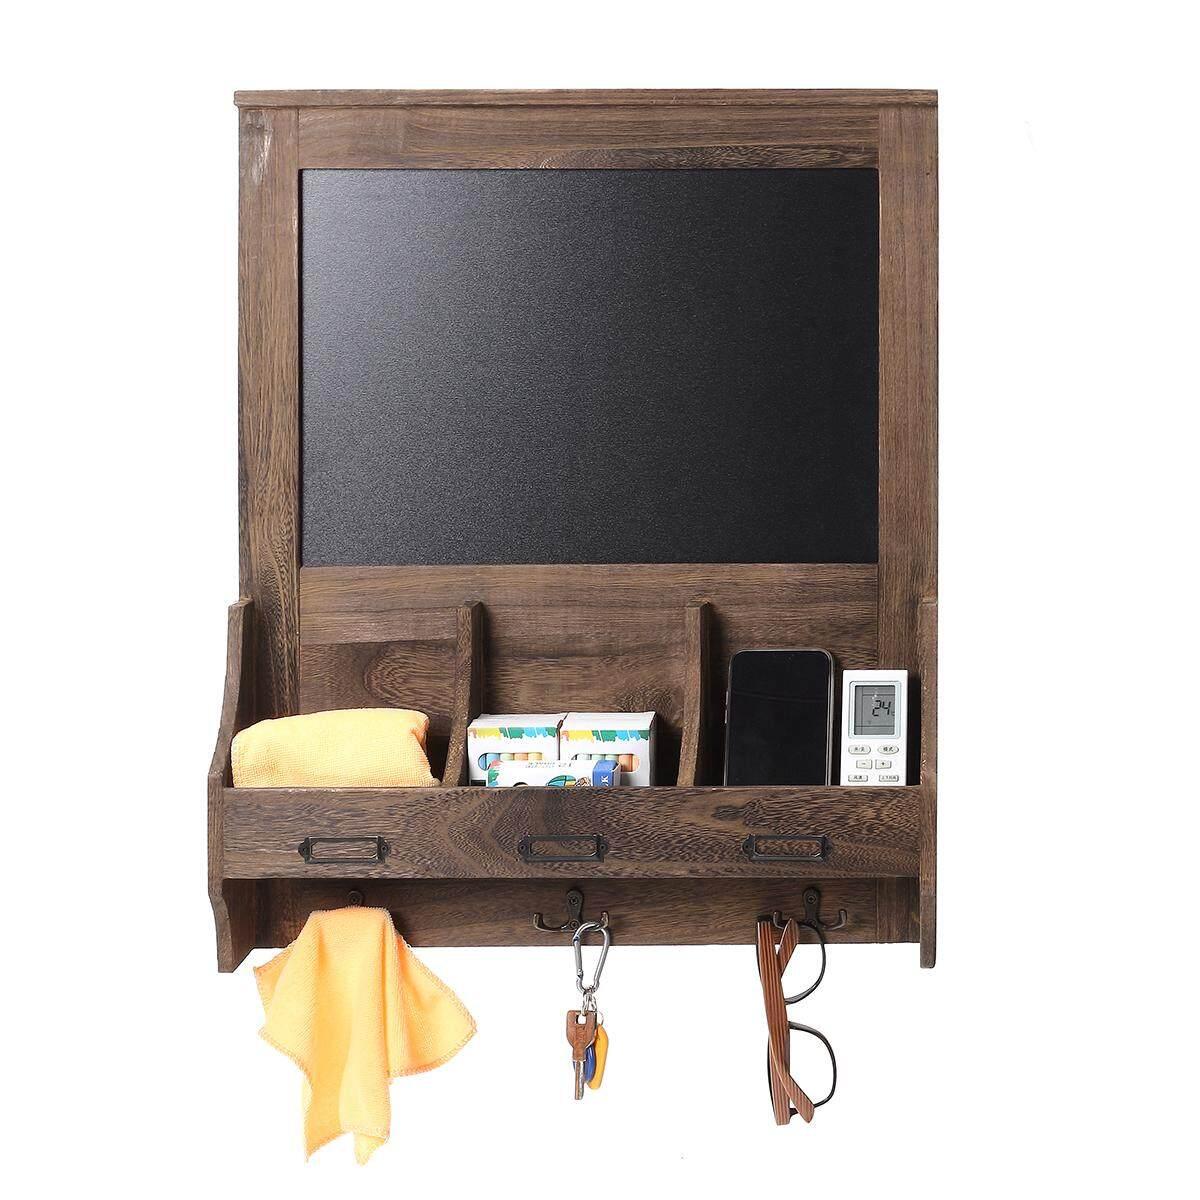 Shabby Chic Blackboard Vintage Chalk Board Wooden Notice Hooks Post Key Storage Coffee - intl